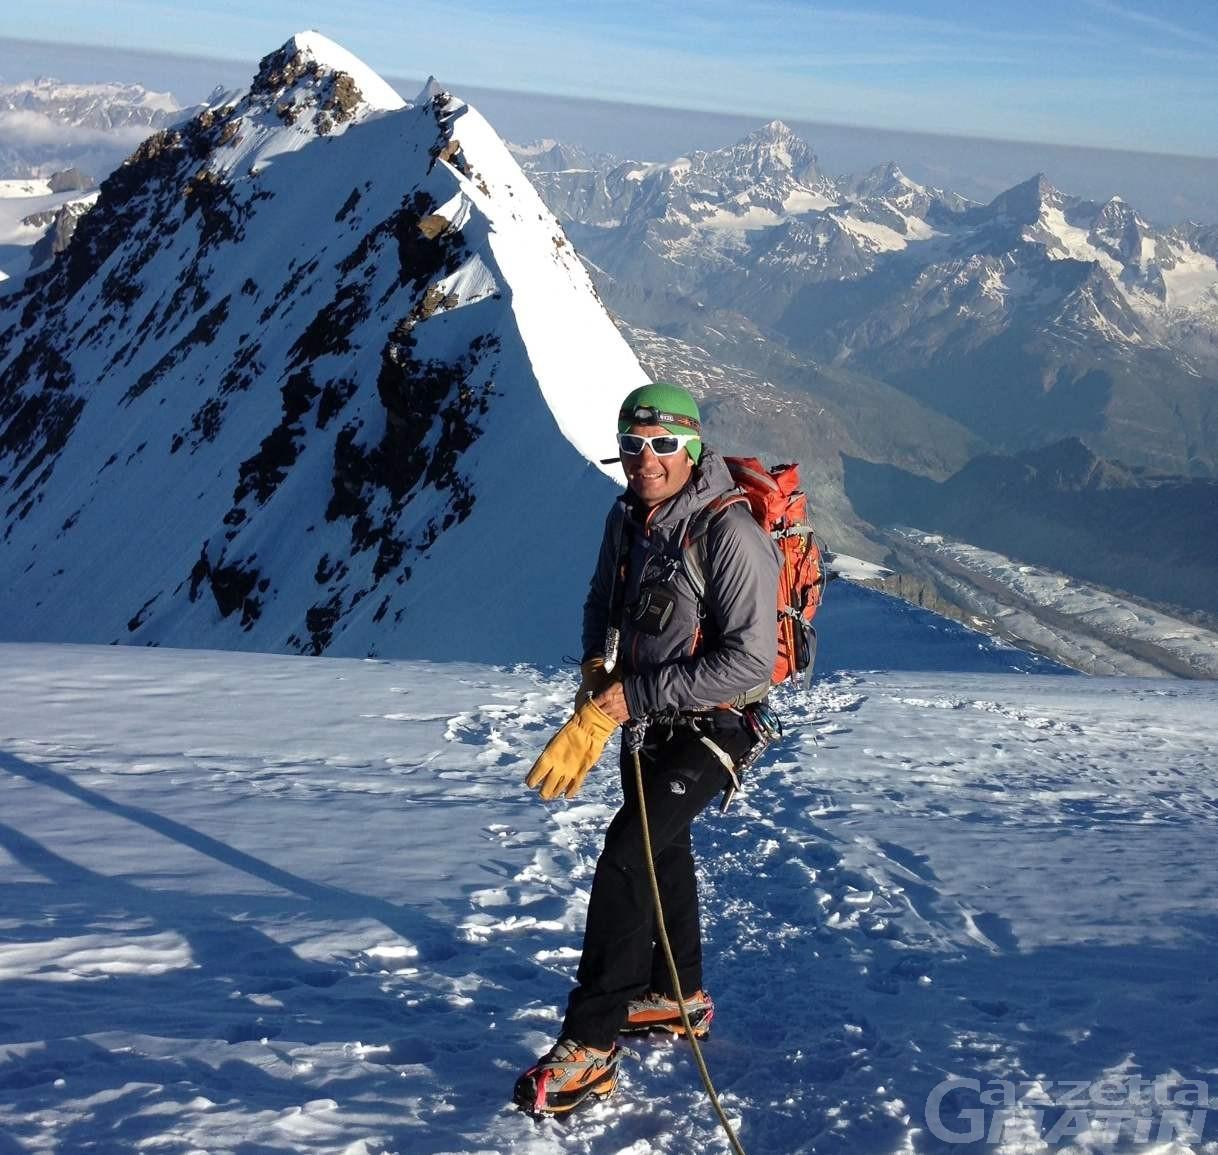 Guide di alta montagna, Ezio Marlier nuovo presidente: «Un onore enorme»